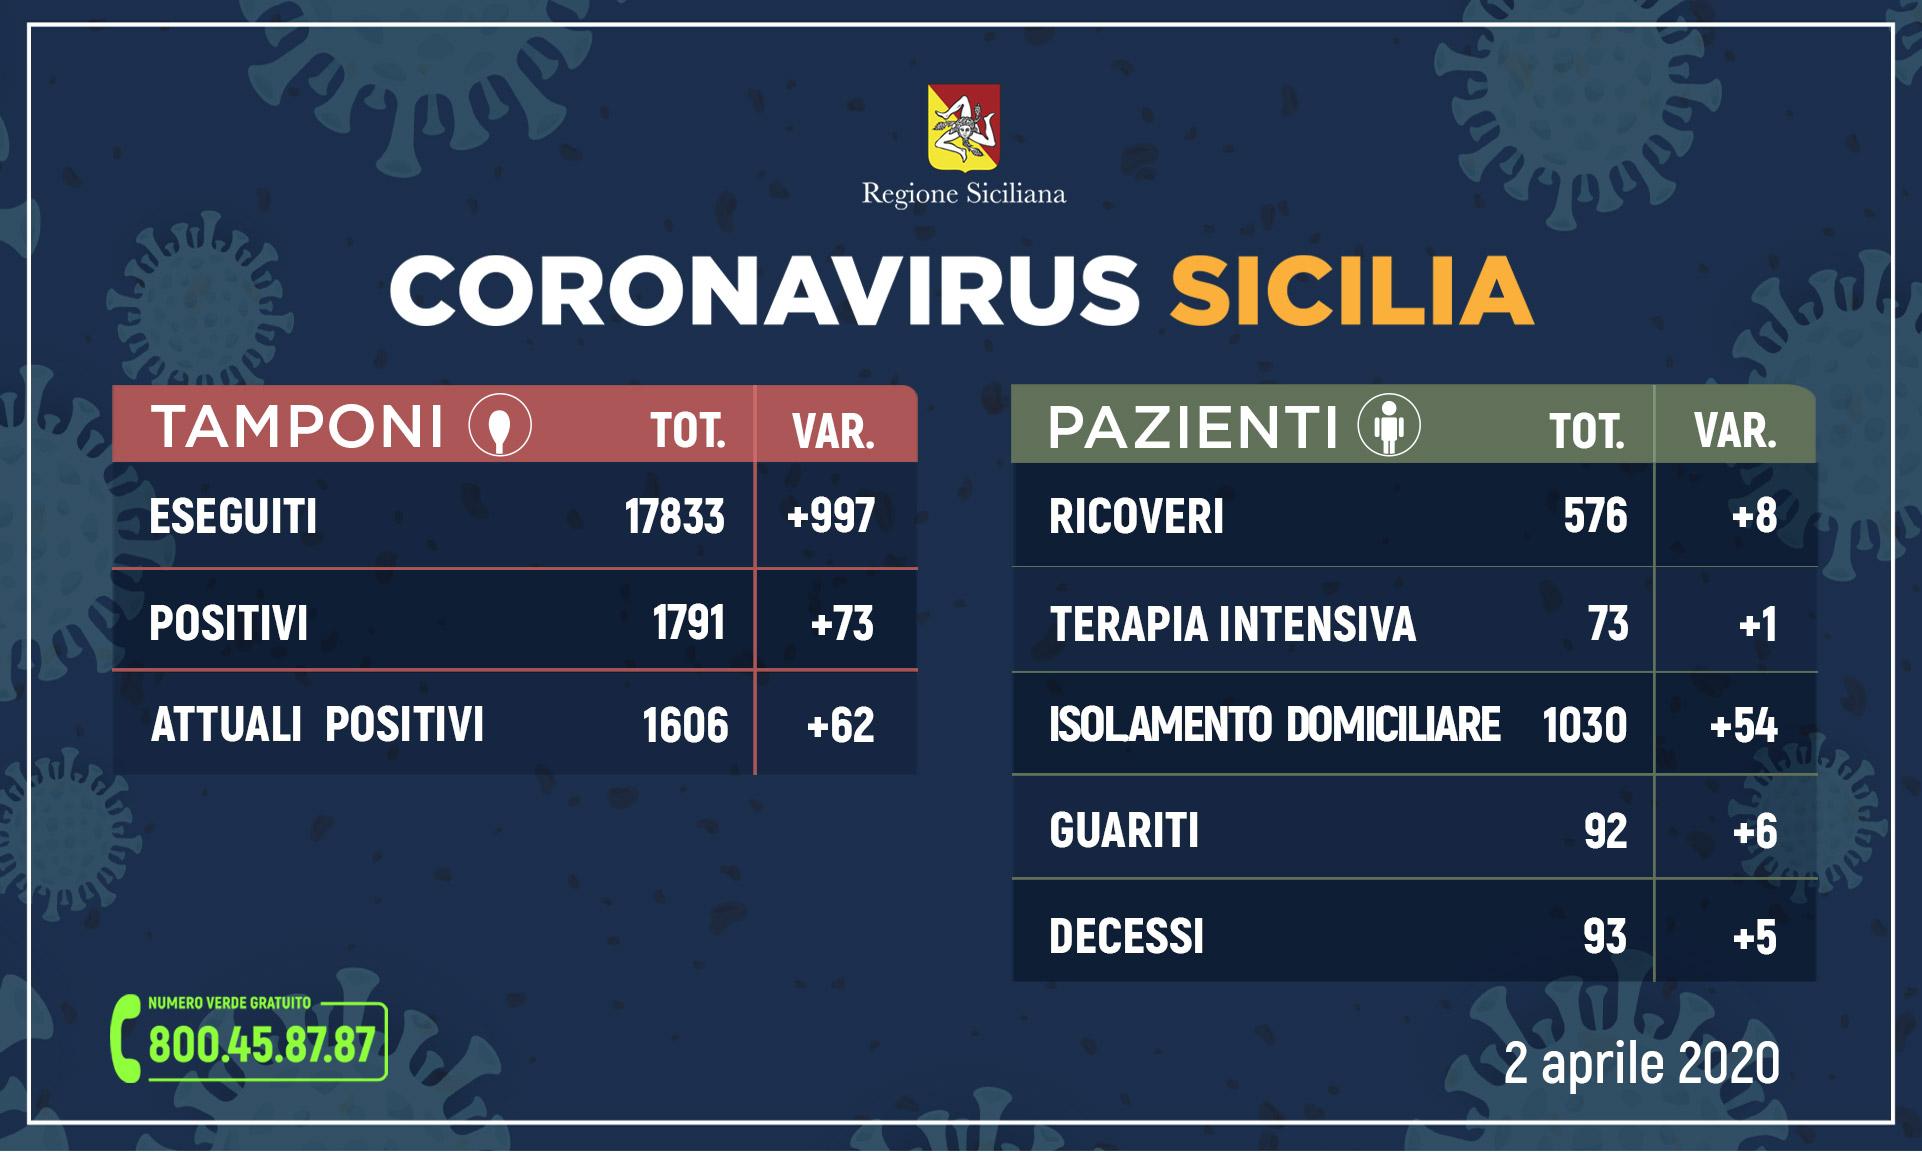 Coronavirus, in Sicilia 1.606 positivi e 92 guariti